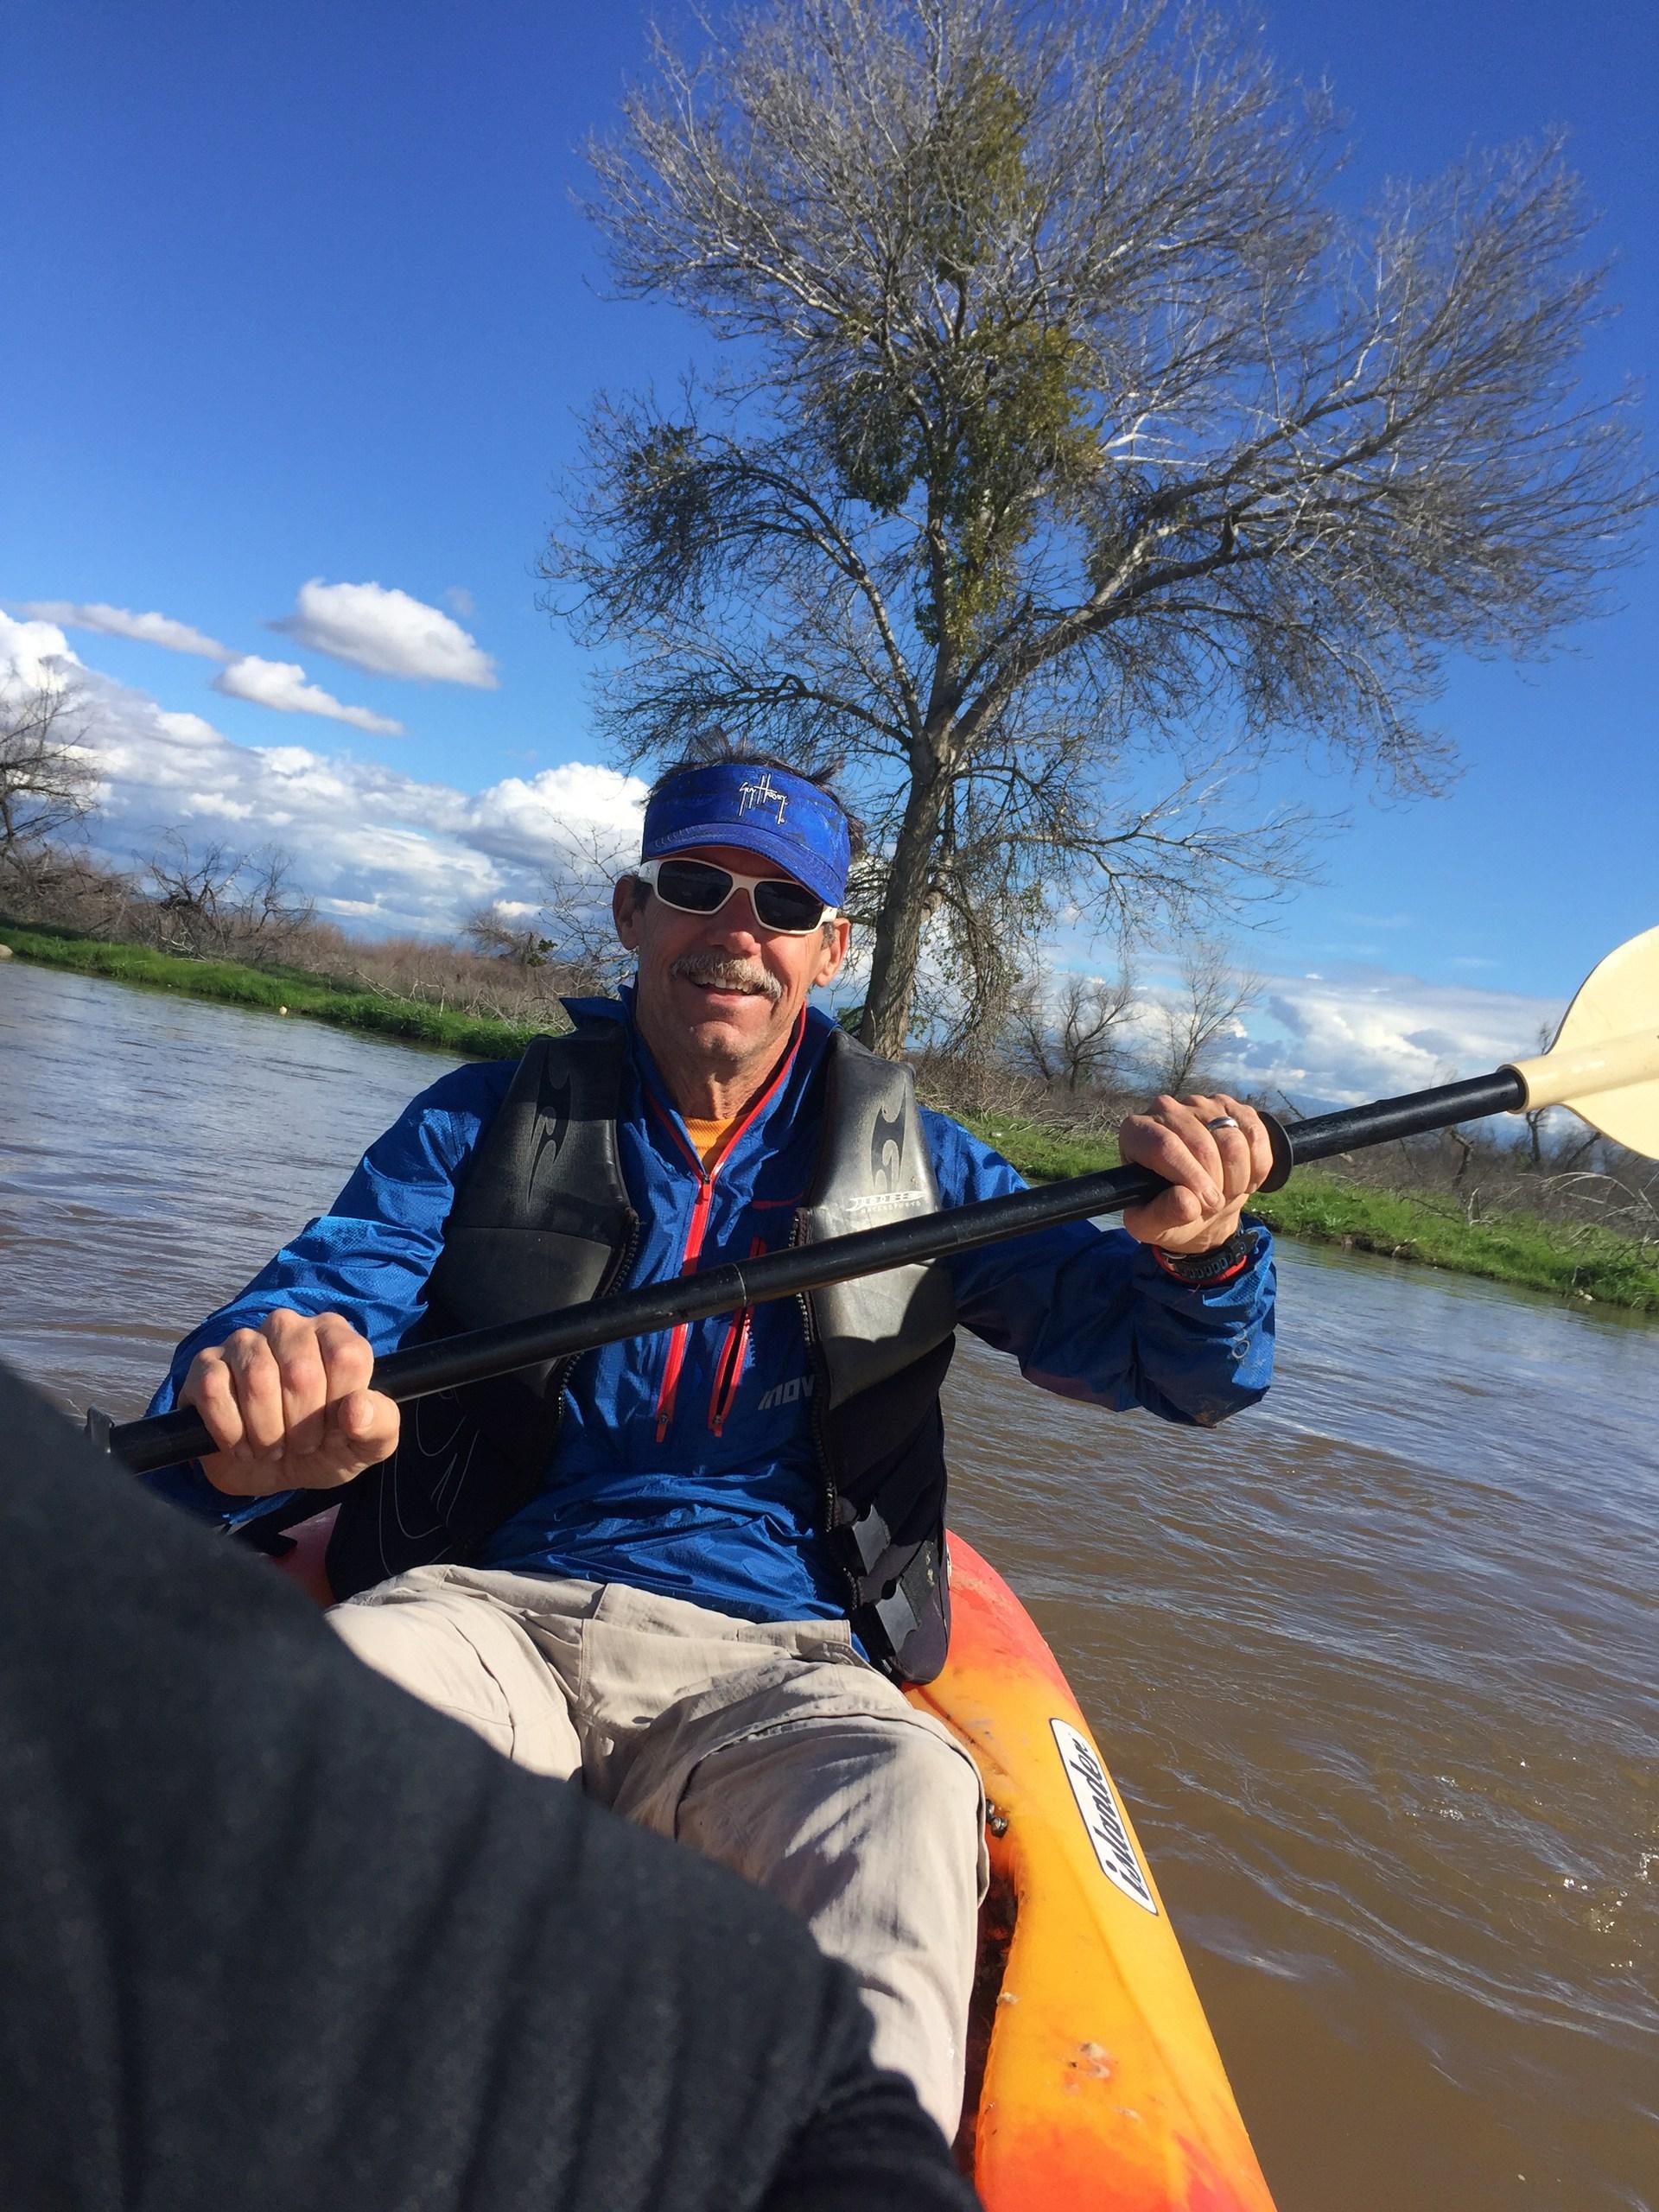 Kayaking in the Kern River